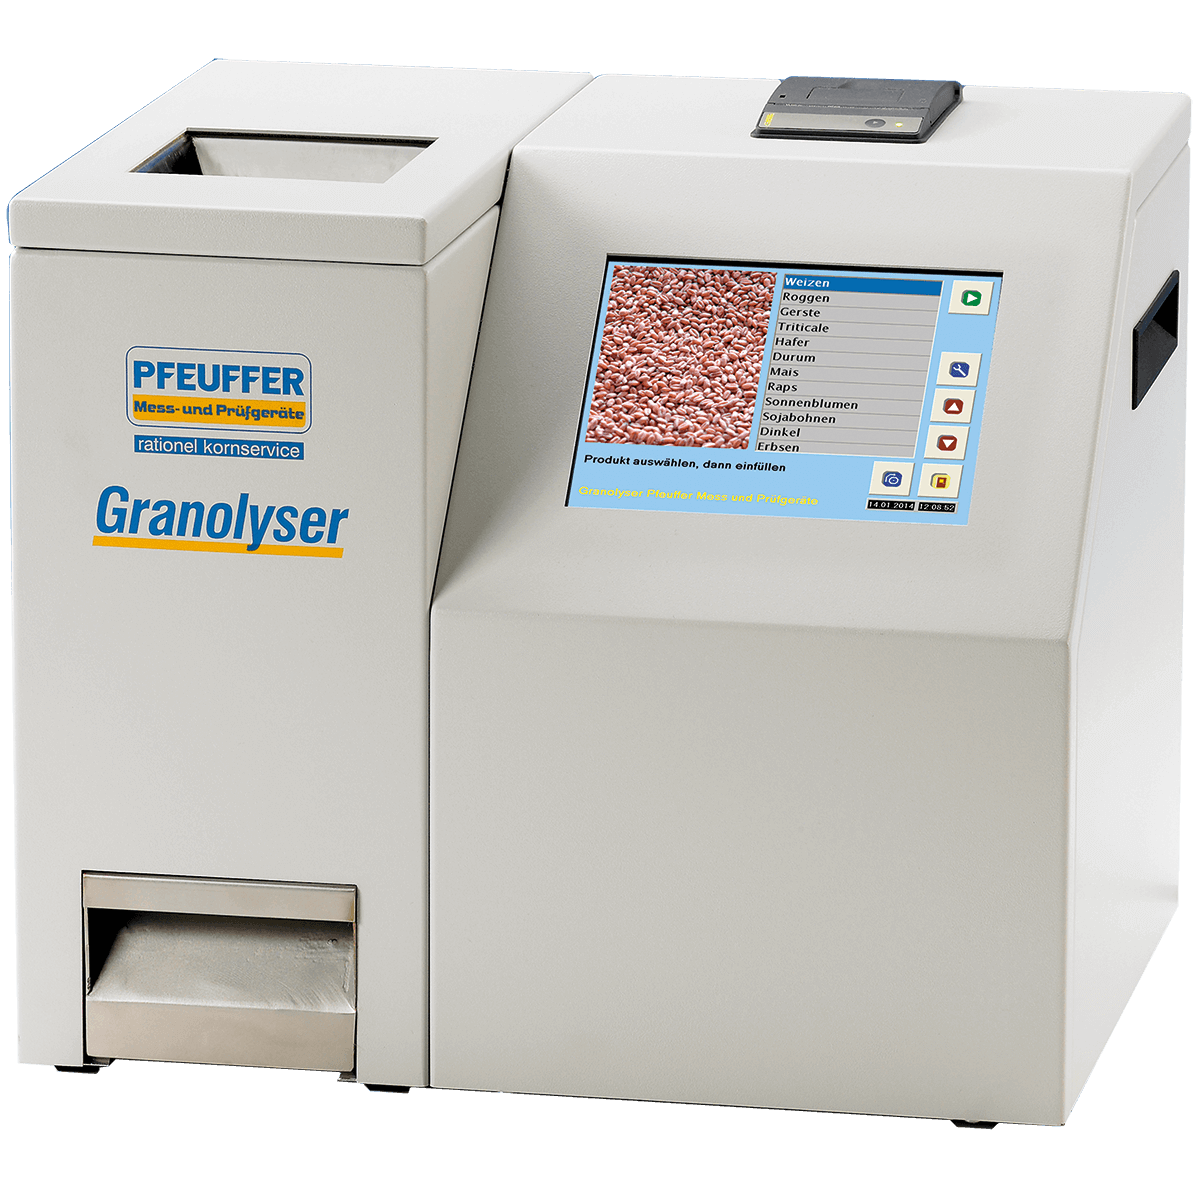 ИК-анализатор зерна Granolyser